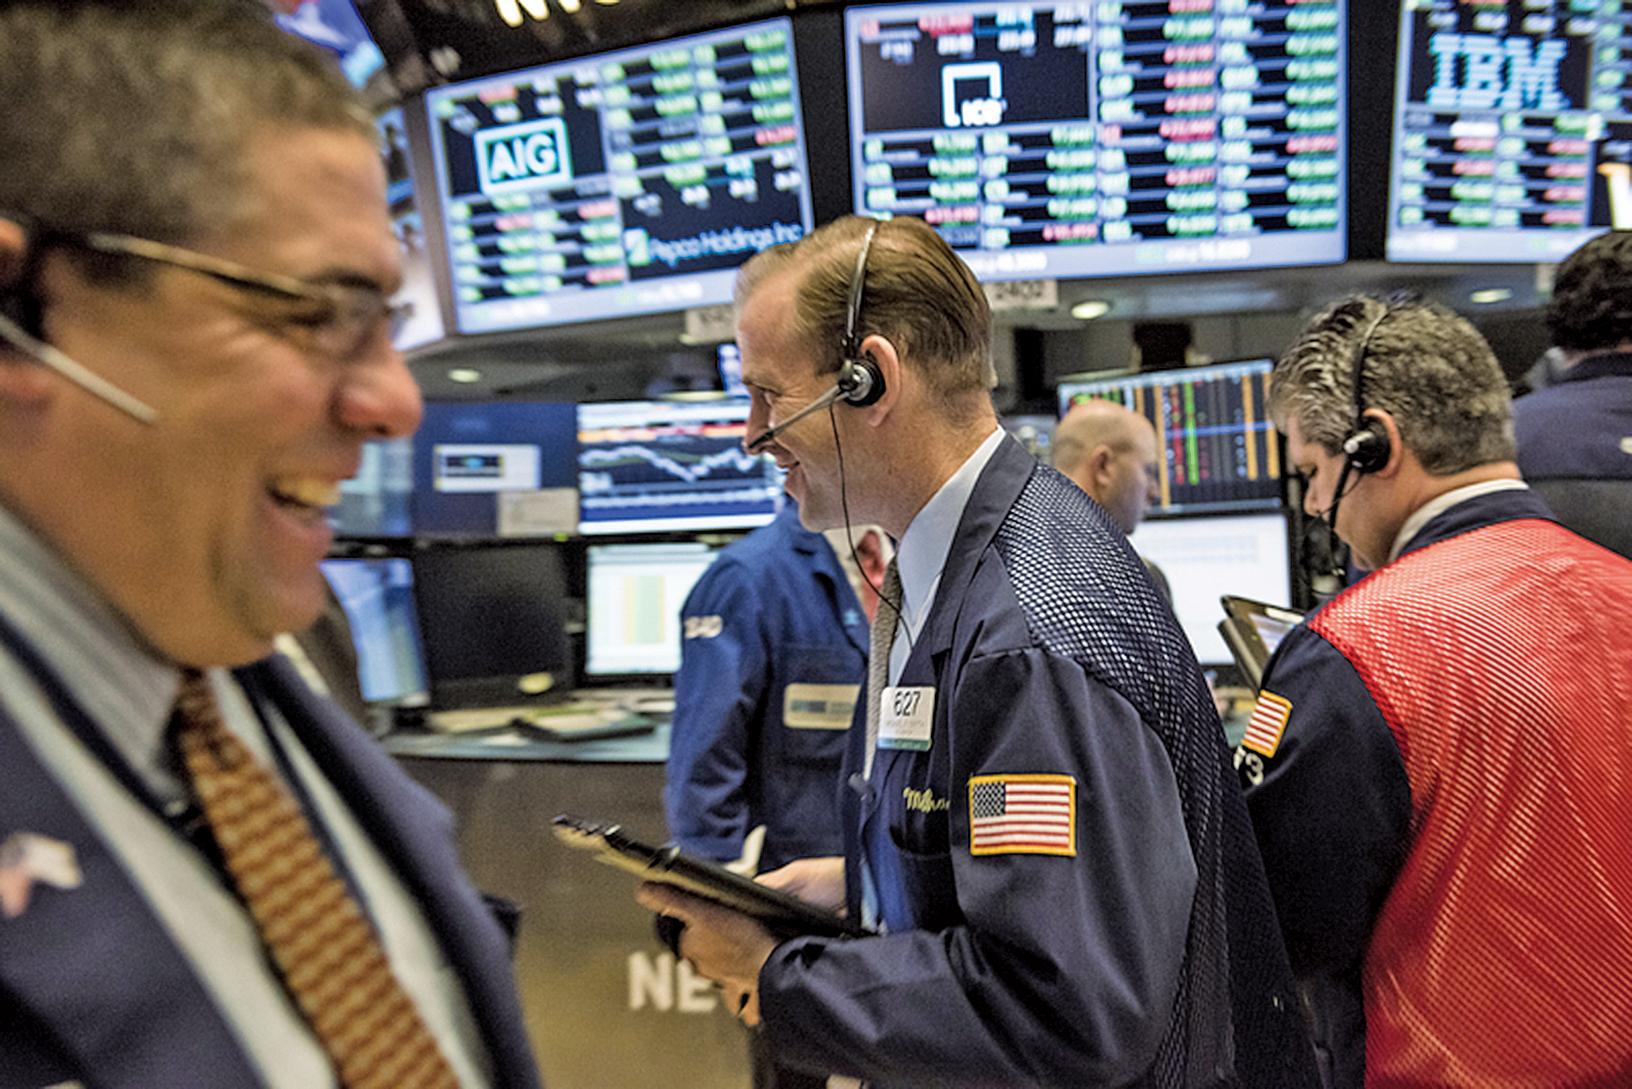 自特朗普勝選後迄今,標普500指數上漲5.5%,道指更揚升超過8%。圖為紐約交易所大廳。(Getty Images)